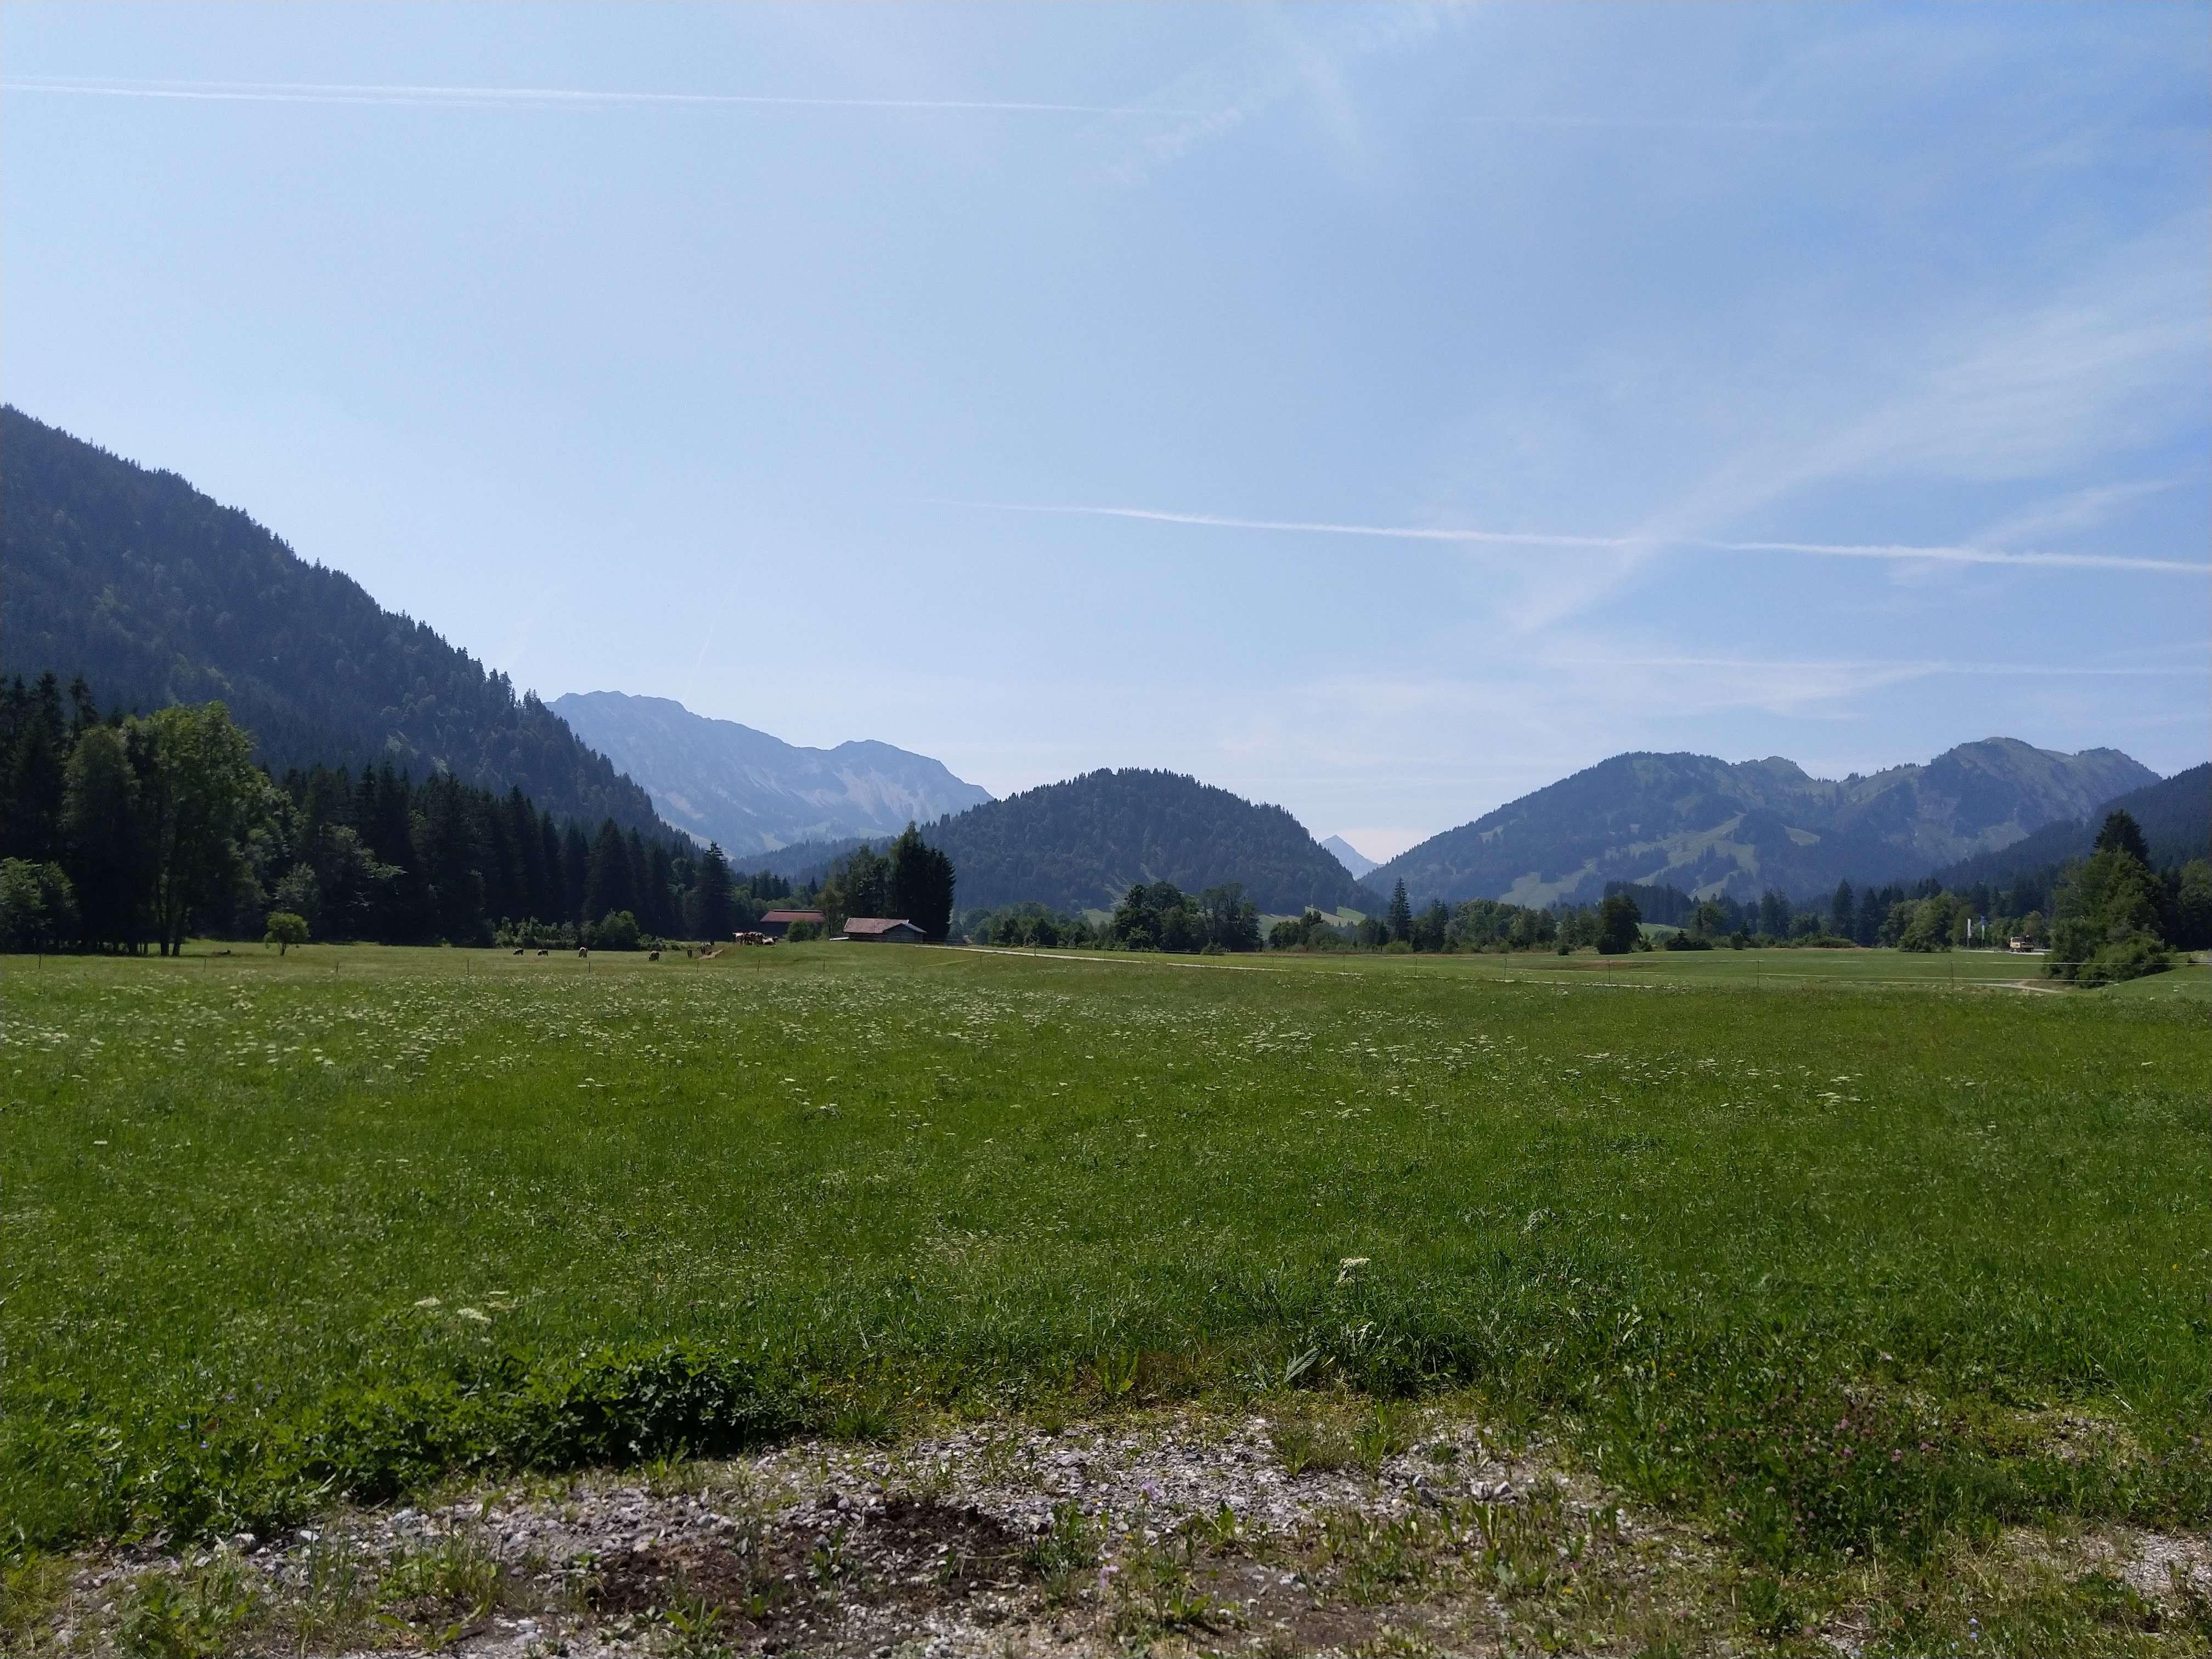 Traumhaftes Bergpanorama in Unterjoch, 70 qm, Splitlevel (EG & HP), Südterrasse in Bad Hindelang